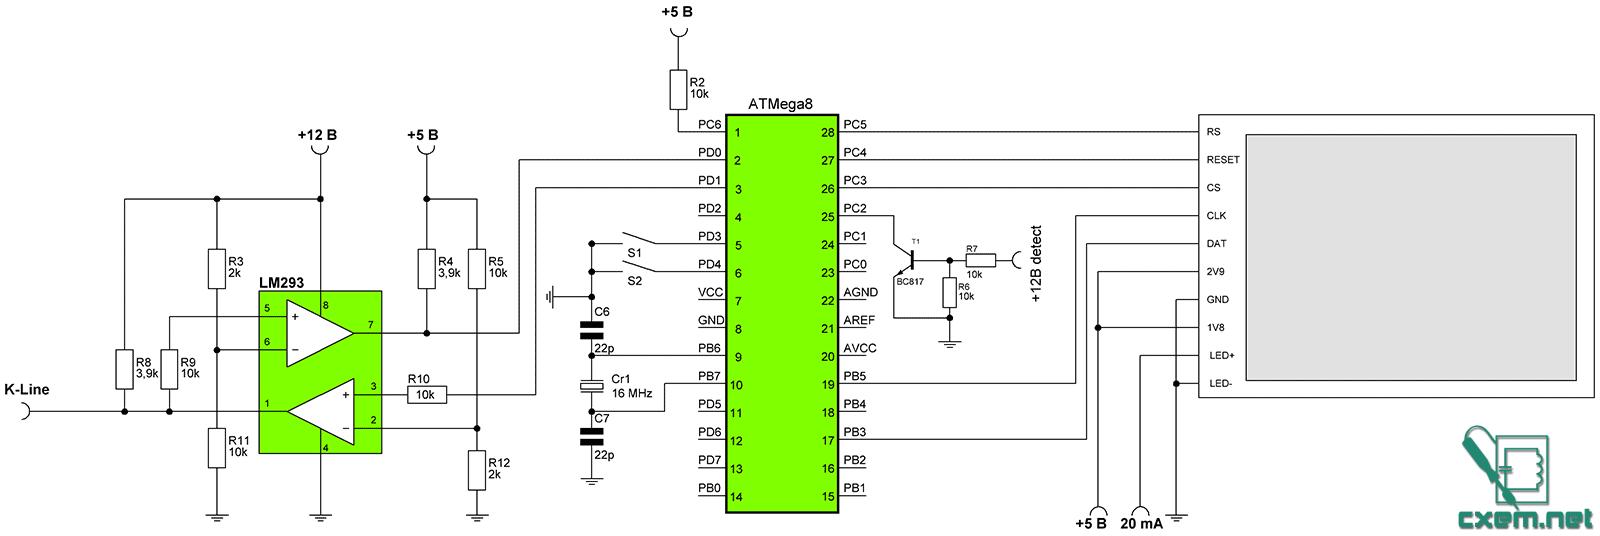 Схема бортового компьютера для ВАЗ.  Нажмите для увеличения.